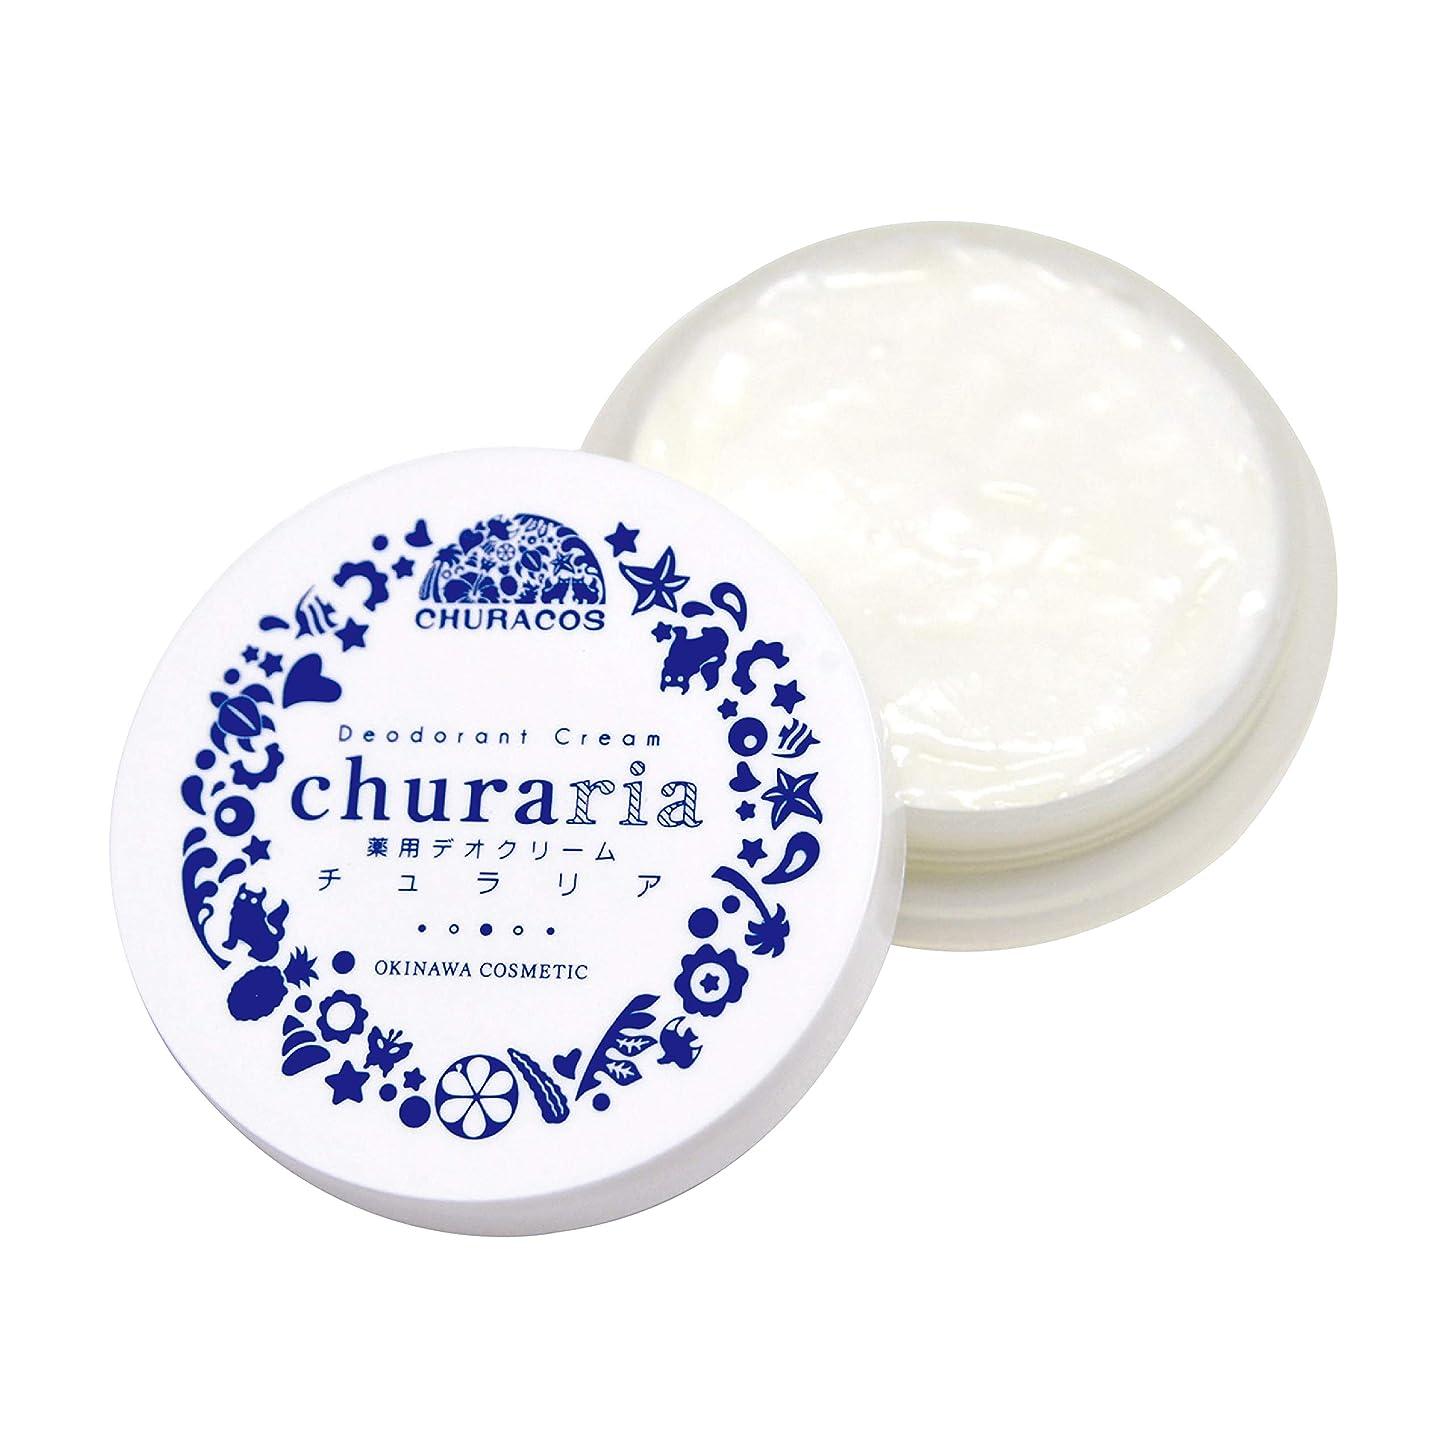 ブランド失業名前でチュラコス 薬用デオドラントクリーム チュラリア 27g 制汗剤 わきが デリケート (1個)